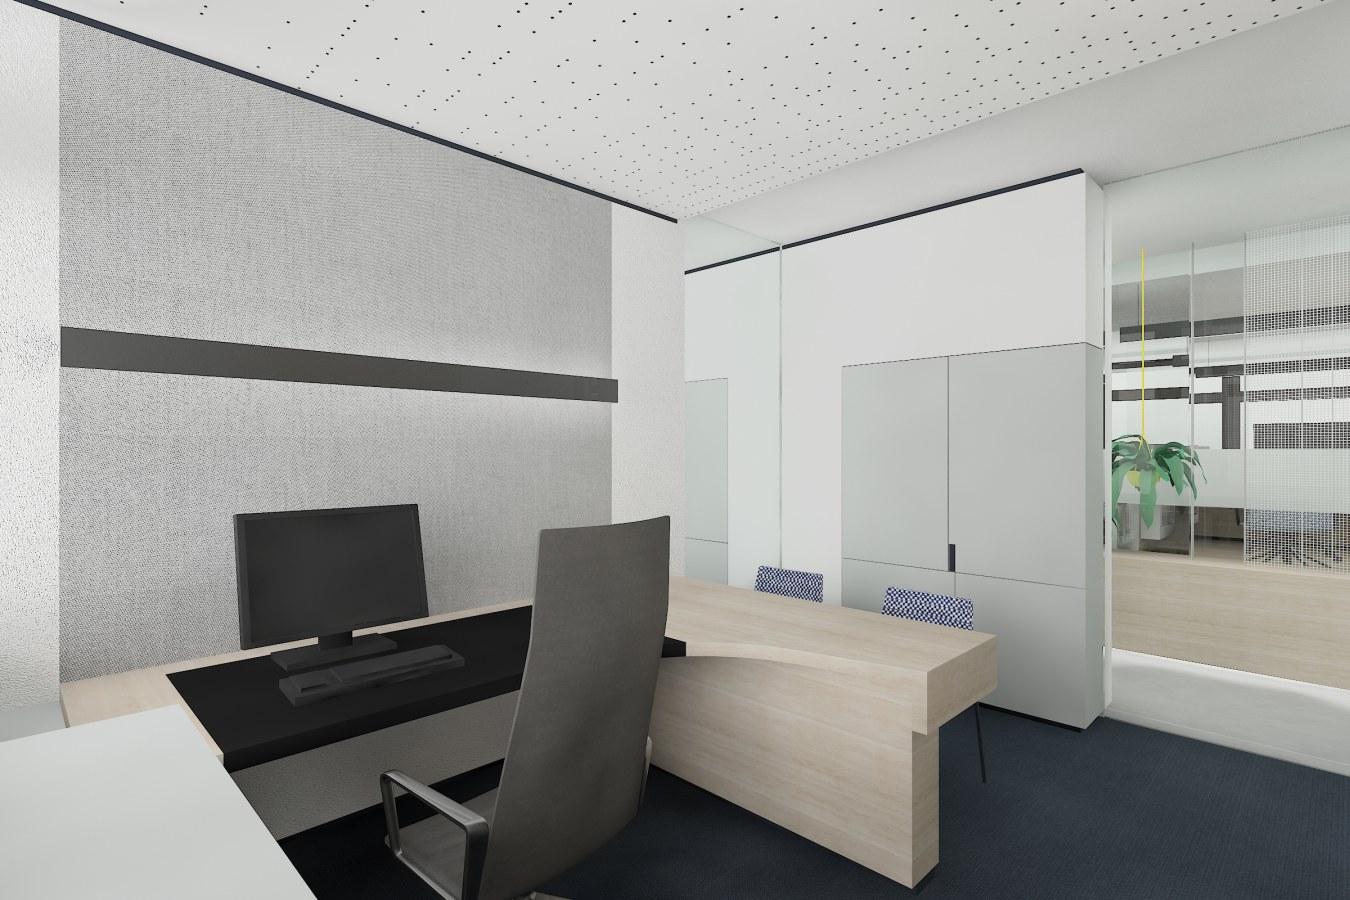 Isabell-Ehring-Innenarchitektur-Stuttgart---Umbau-Buero-F-7.jpg